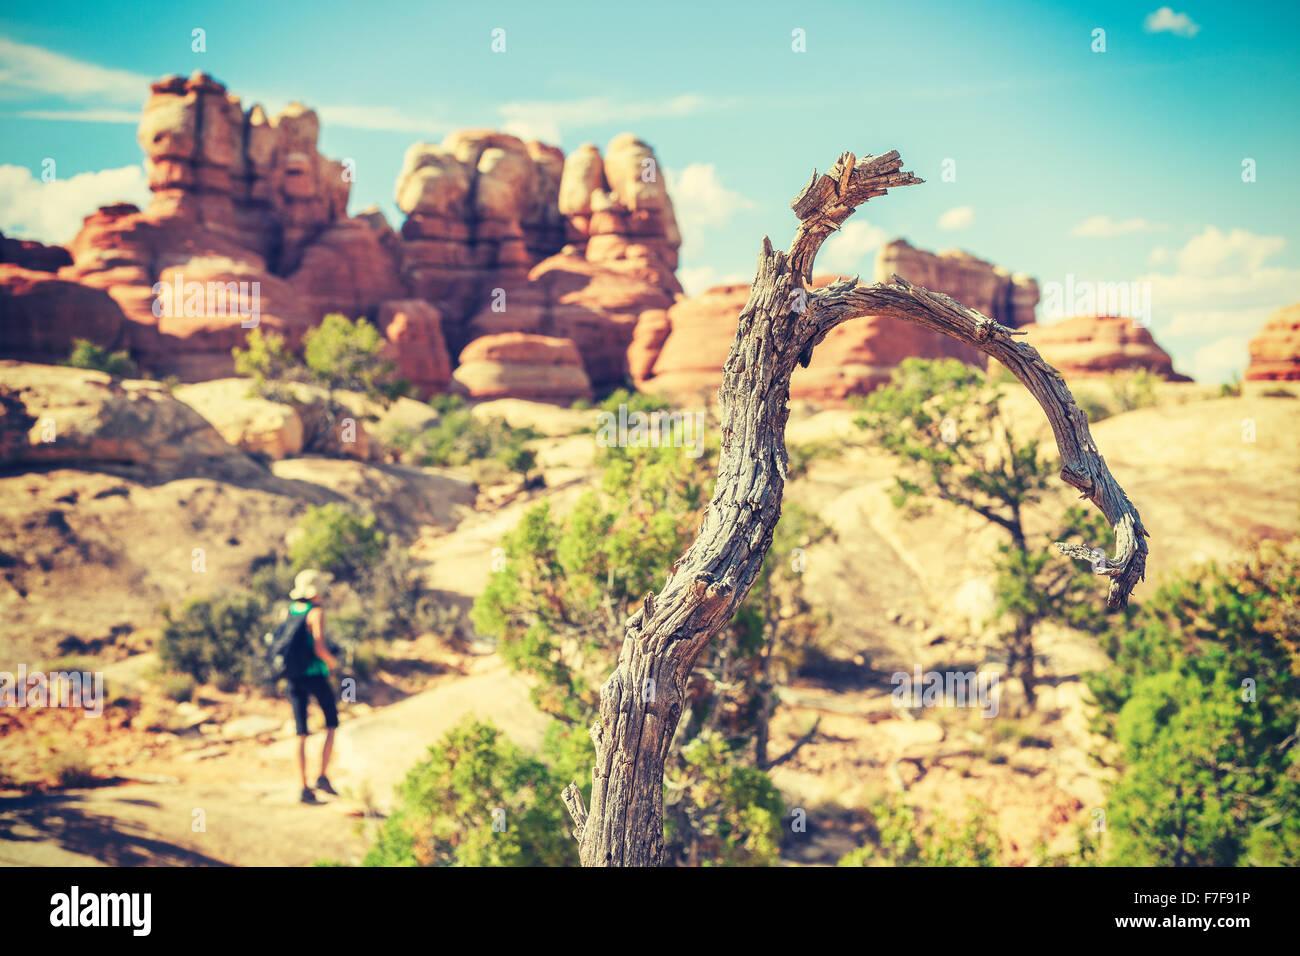 Vieja película estilizado árbol seco por el sendero de trekking, poca profundidad de campo. Imagen De Stock